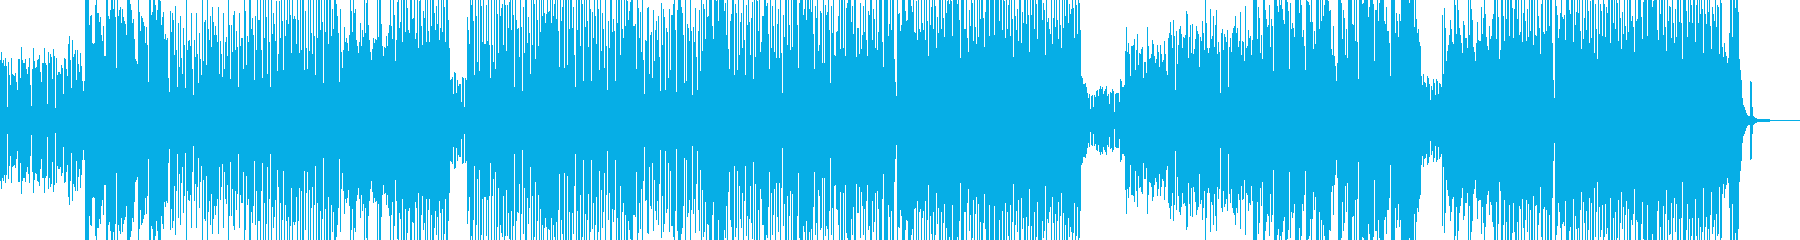 マリンバの童話チックなカントリーポップの再生済みの波形